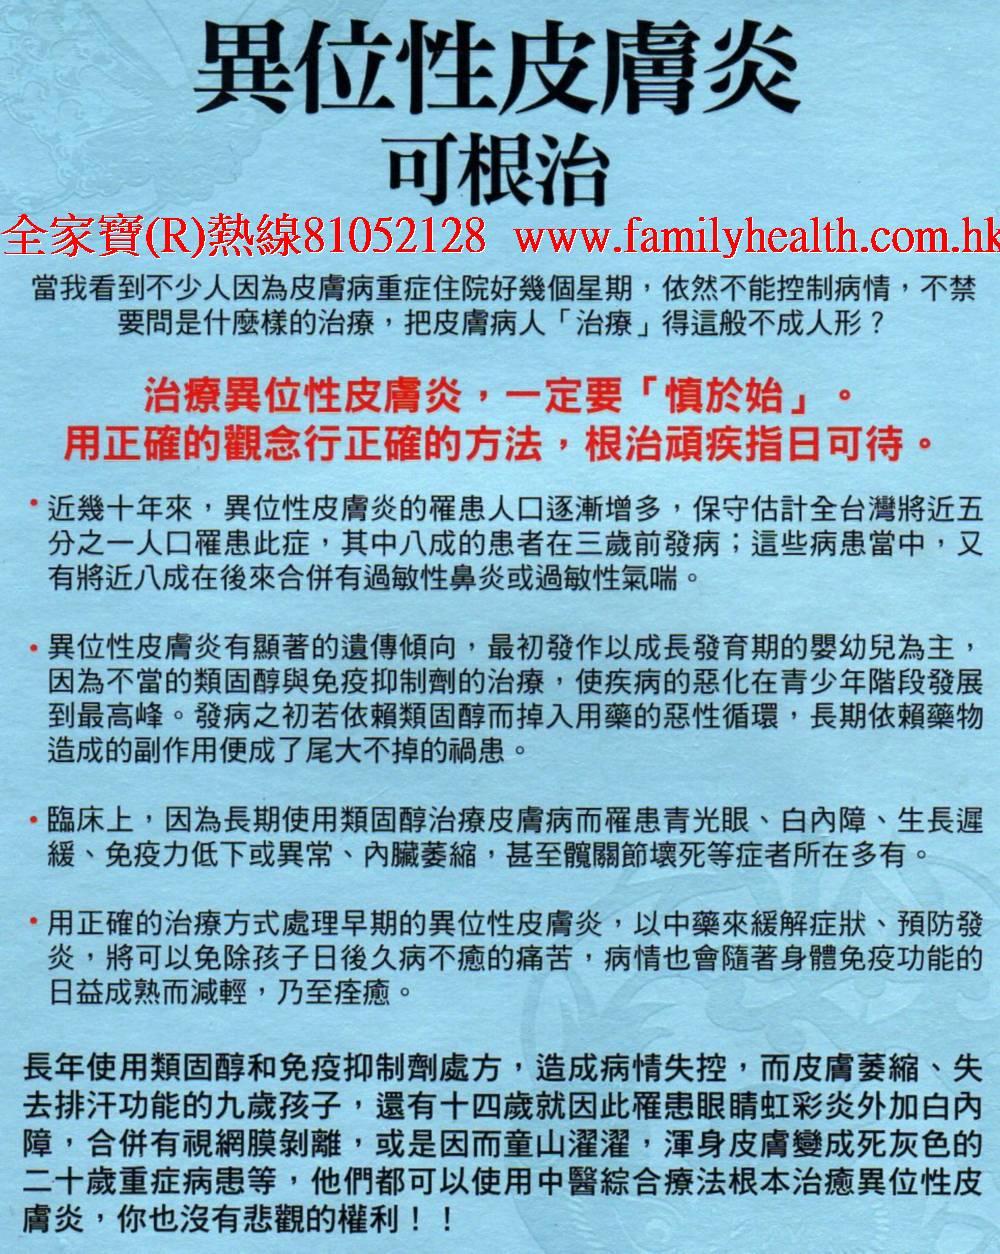 http://www.familyhealth.com.hk/files/full/923_1.jpg